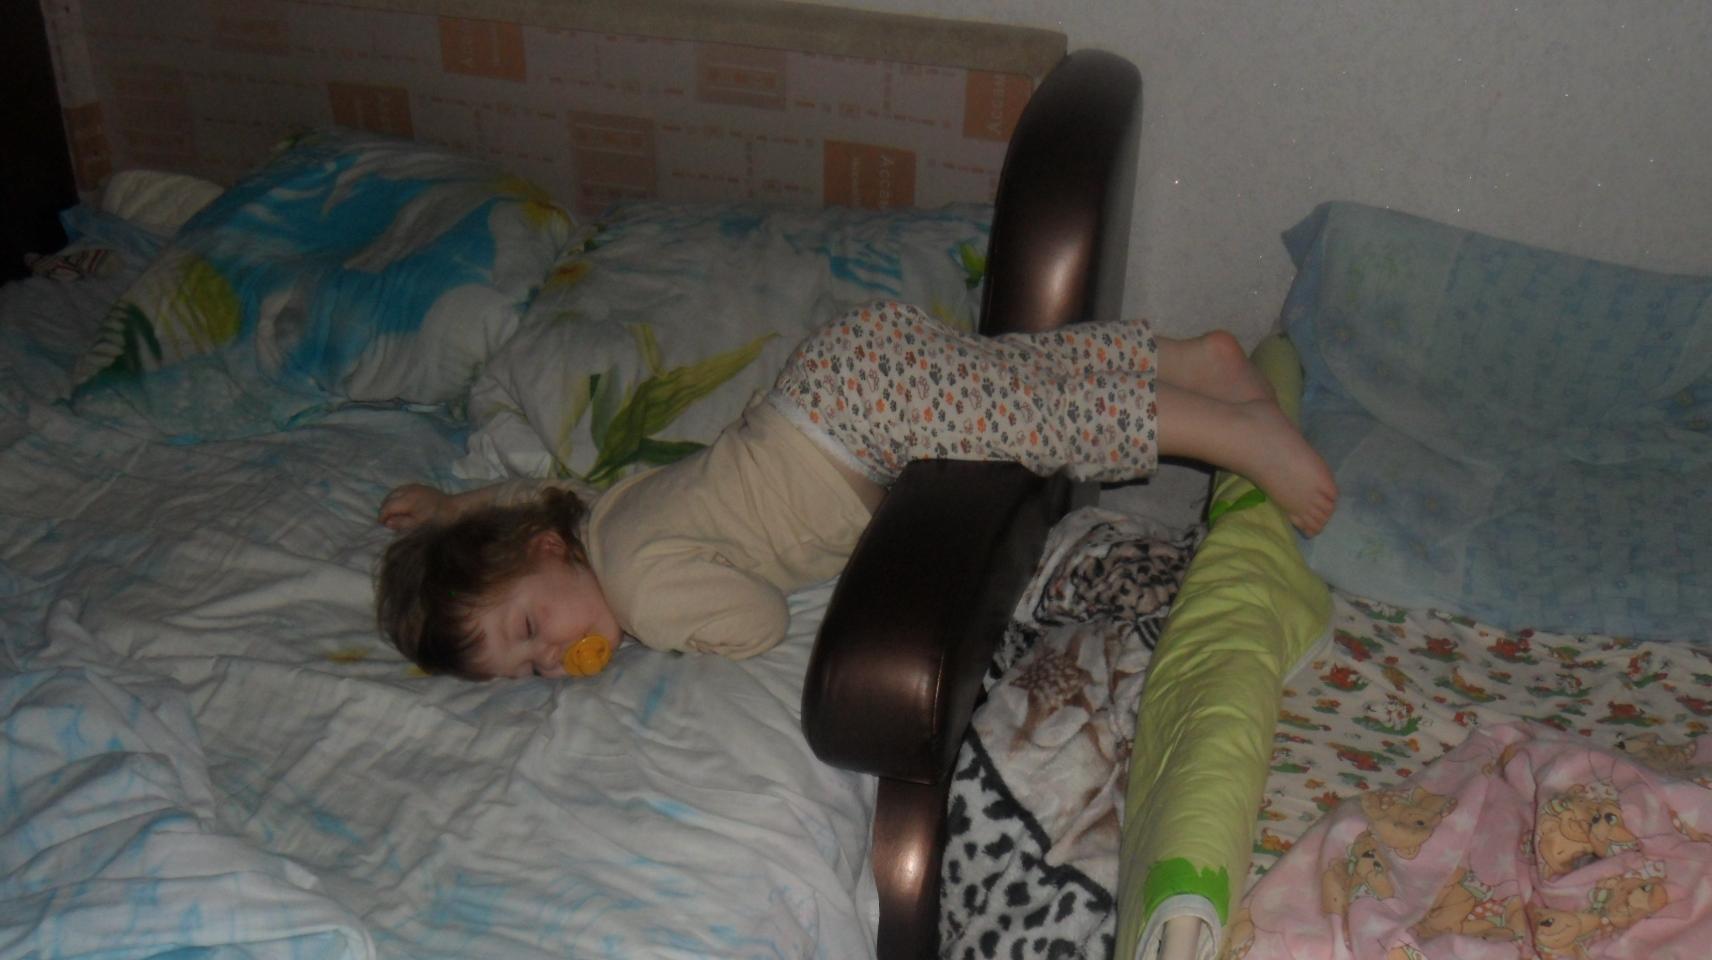 Уснула на ходу))))). Спокойной ночи! Кто спит слаще всего?